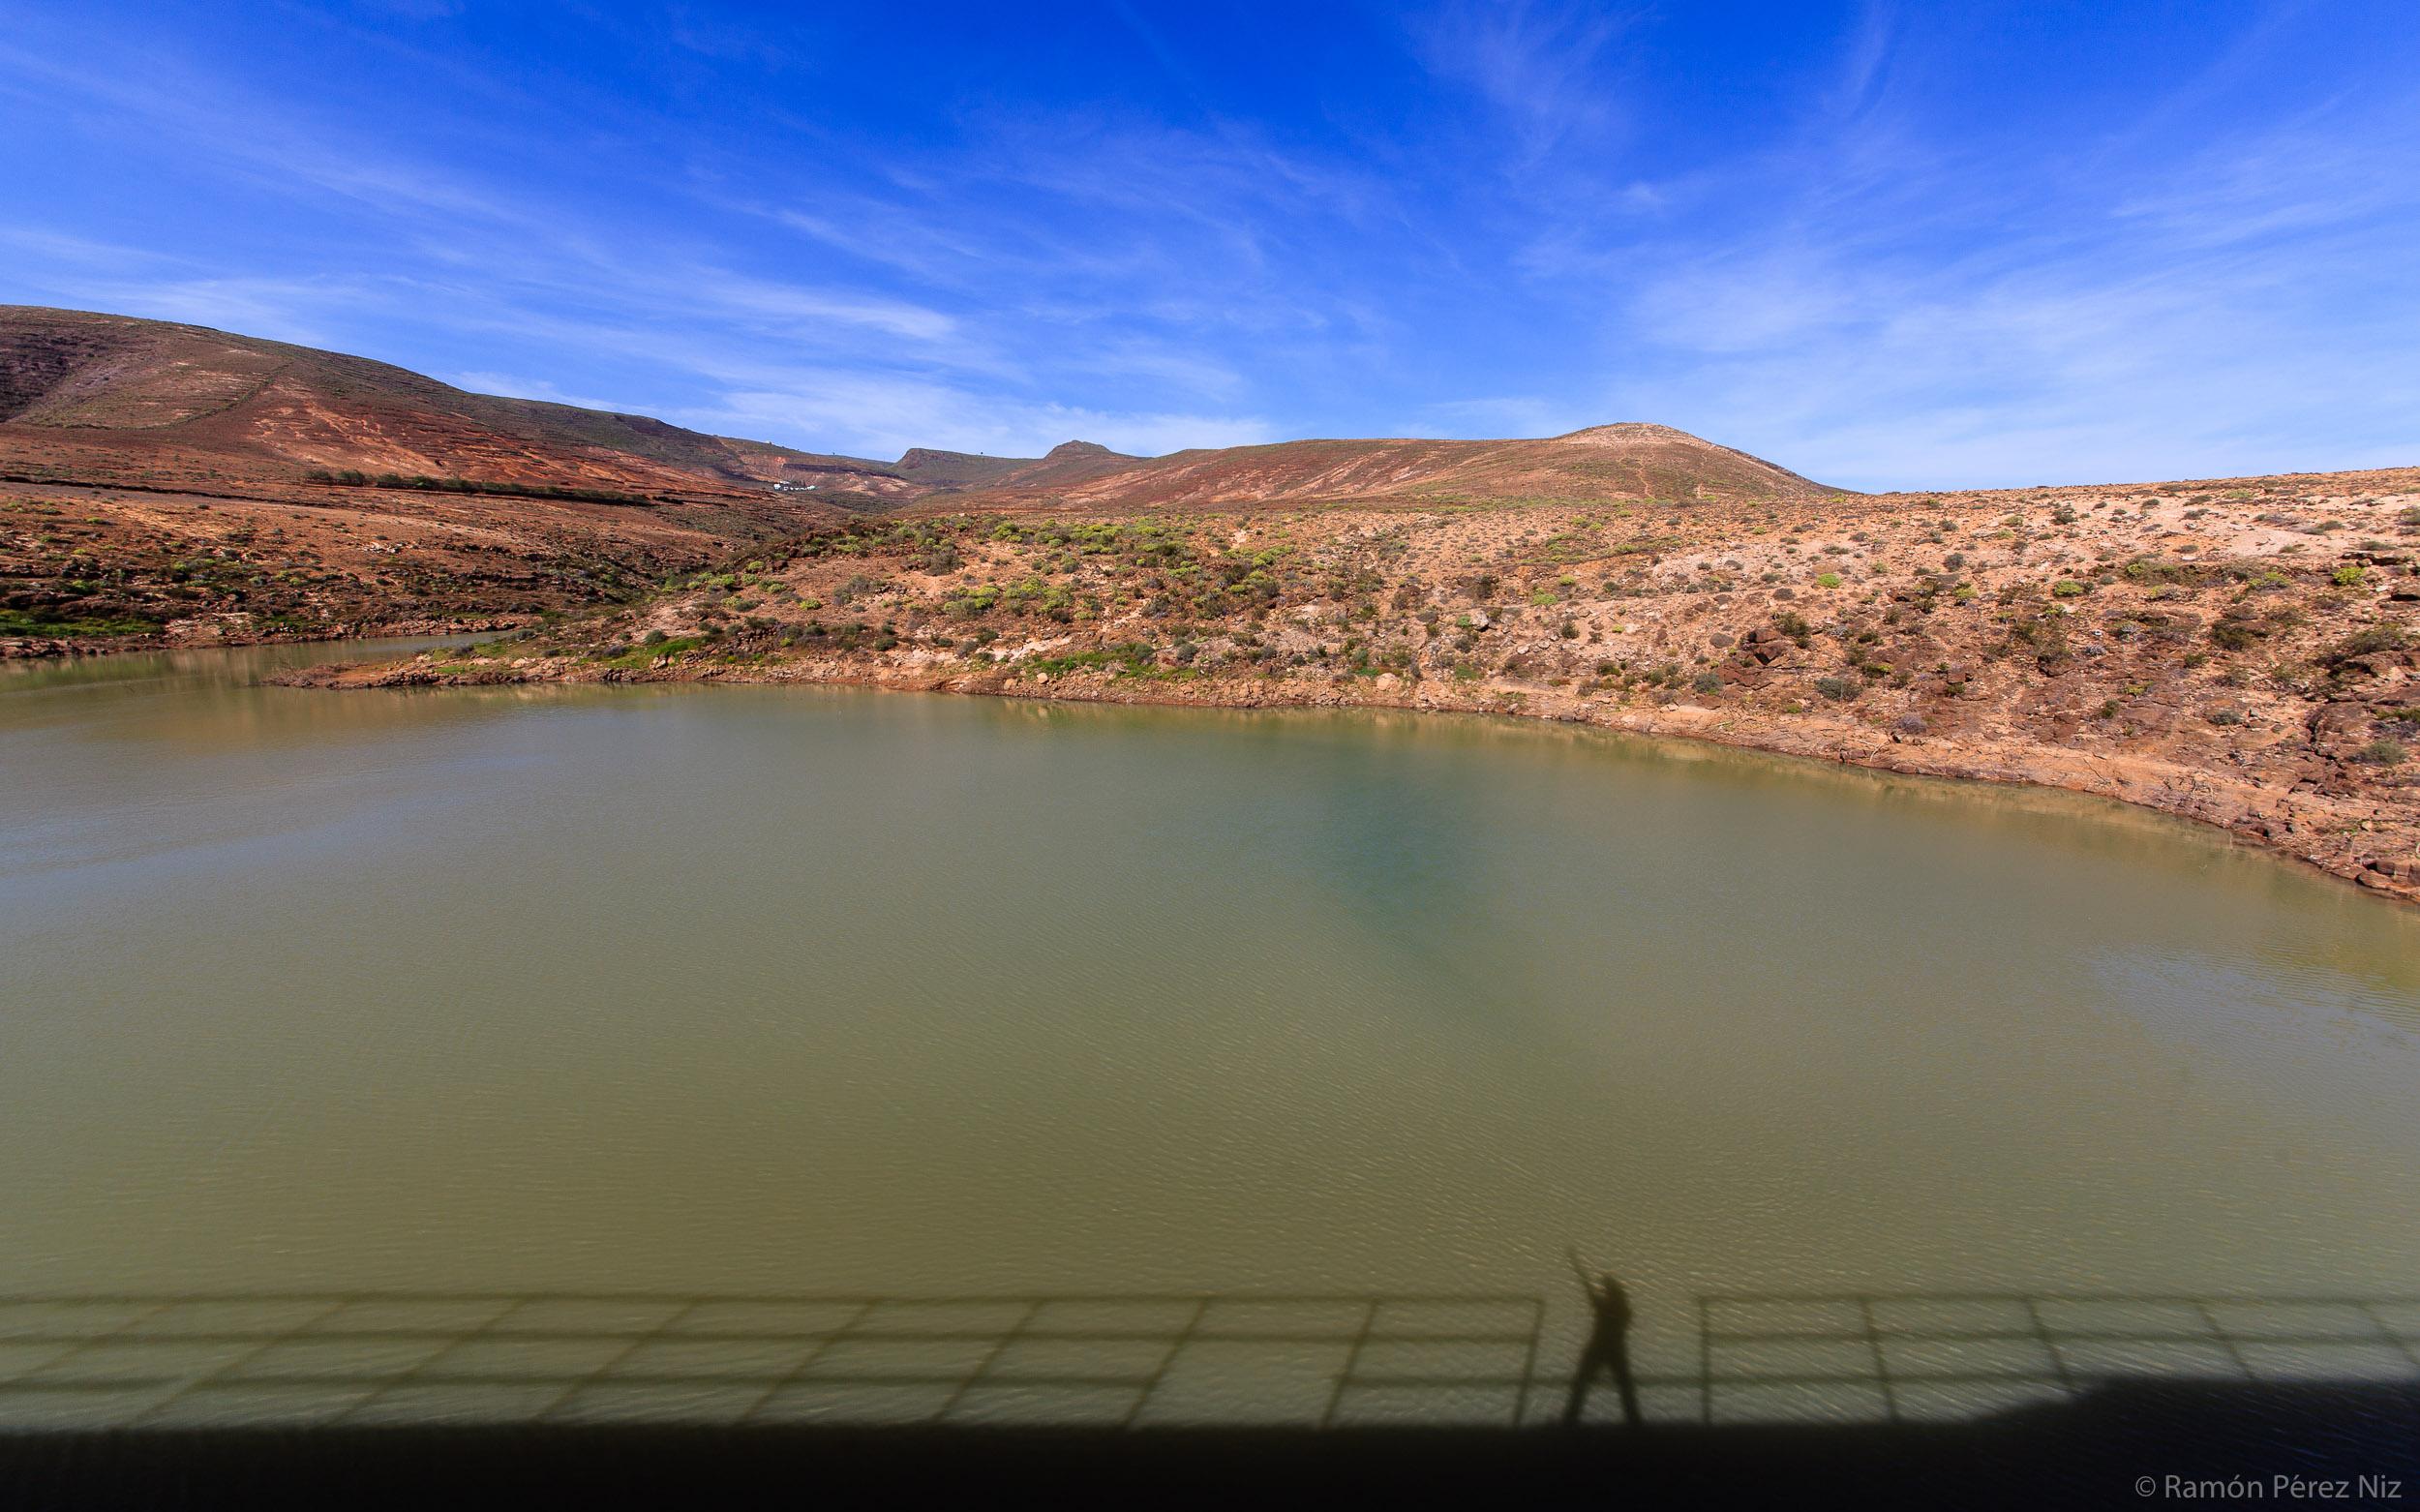 Foto de Ramón Pérez Niz, la presa de Mala